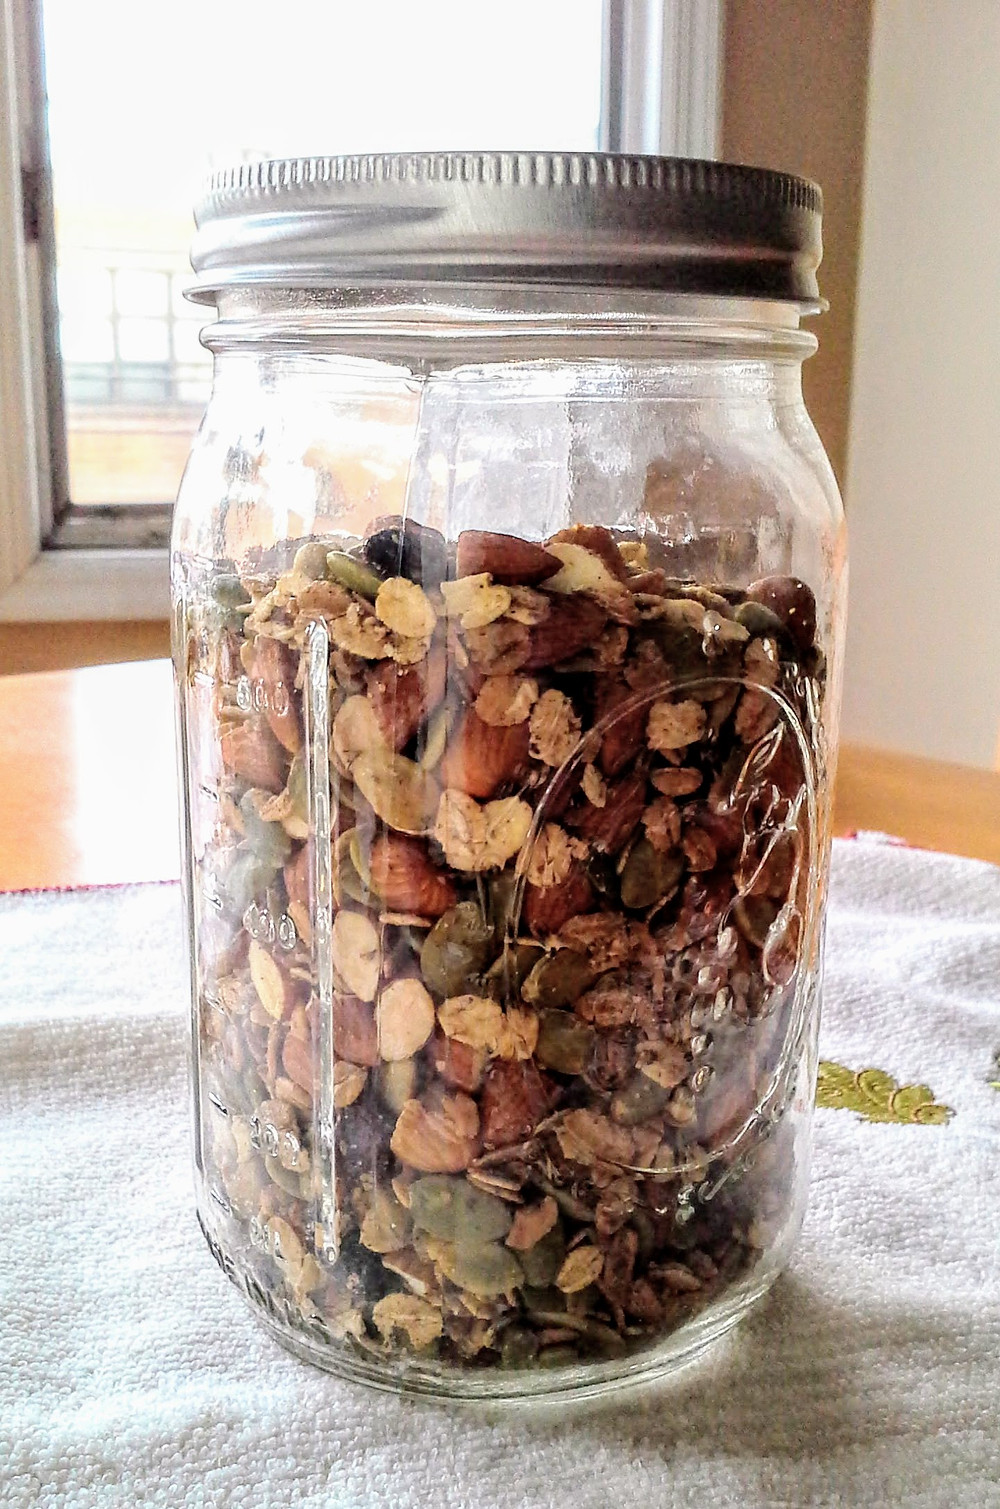 Baked granola in a Mason jar